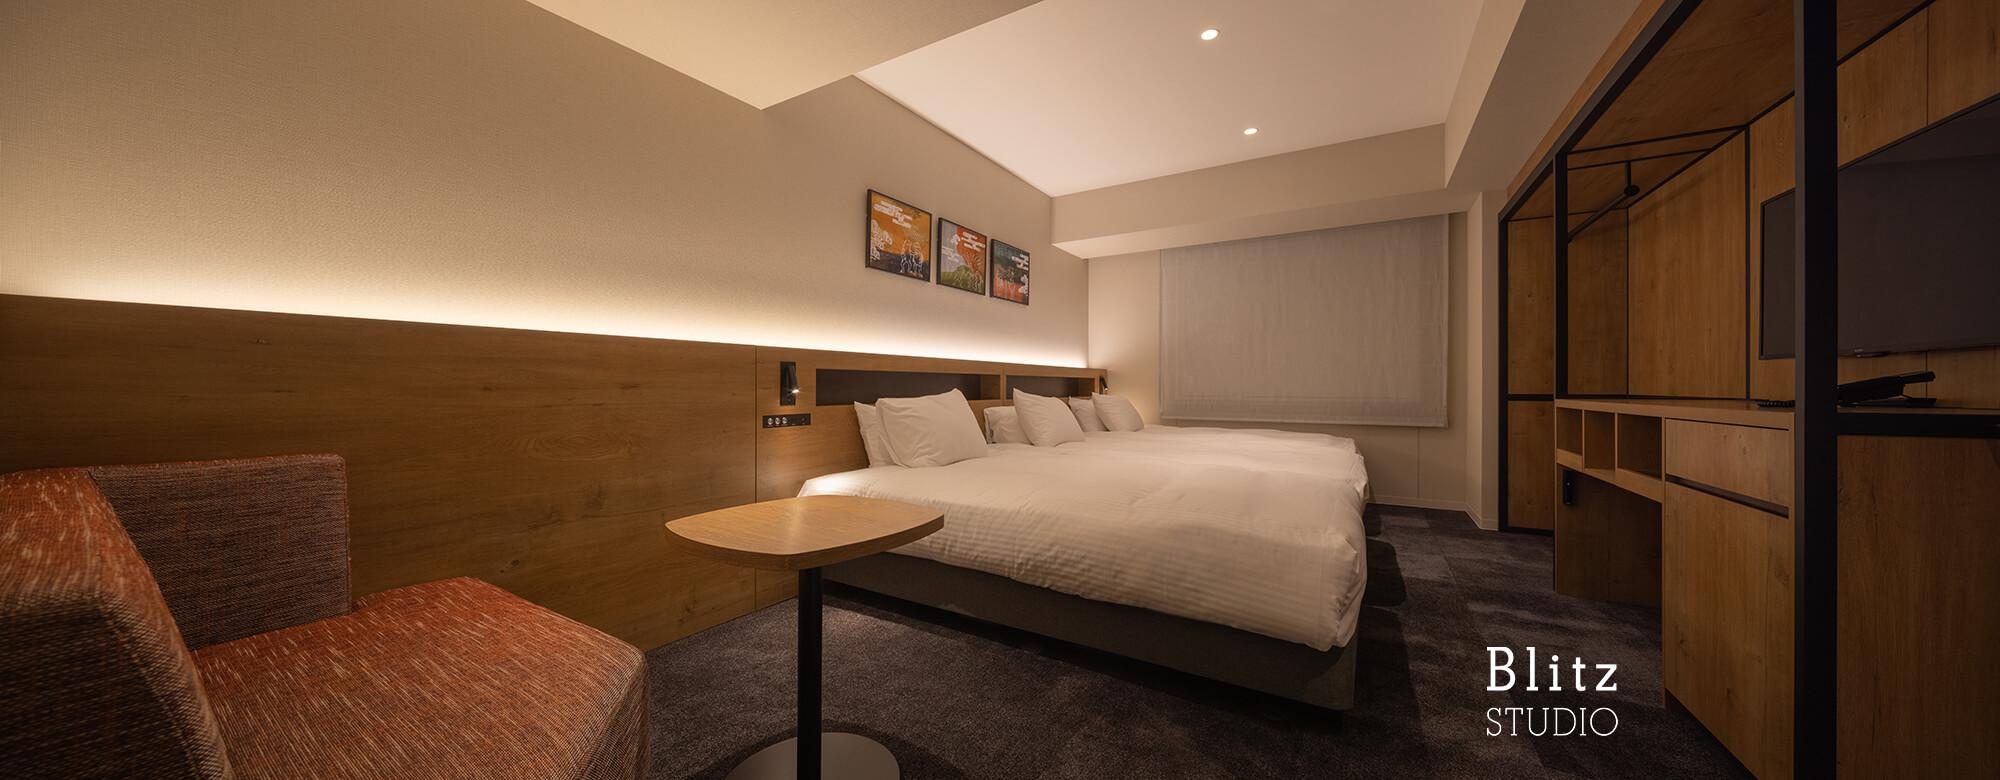 『ホテルフォルツァ大阪道頓堀』建築写真・竣工写真・インテリア写真10